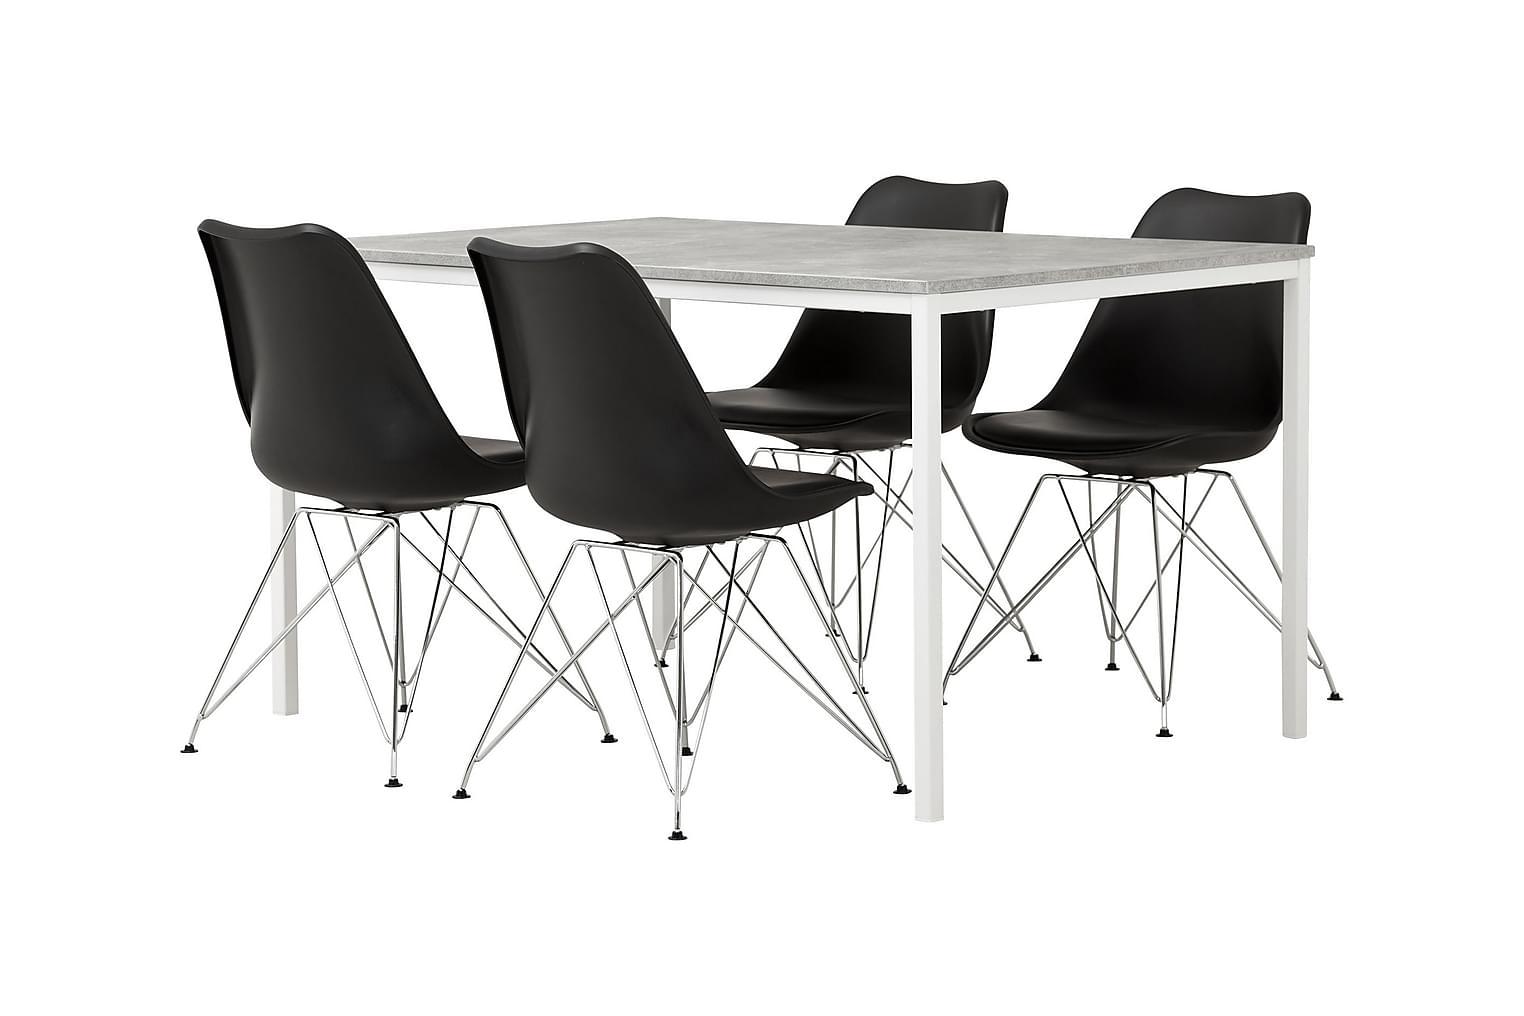 NOOMI Pöytä 138 Harmaa/valkoinen+ 4 SHELLO Tuolia Musta/Krom